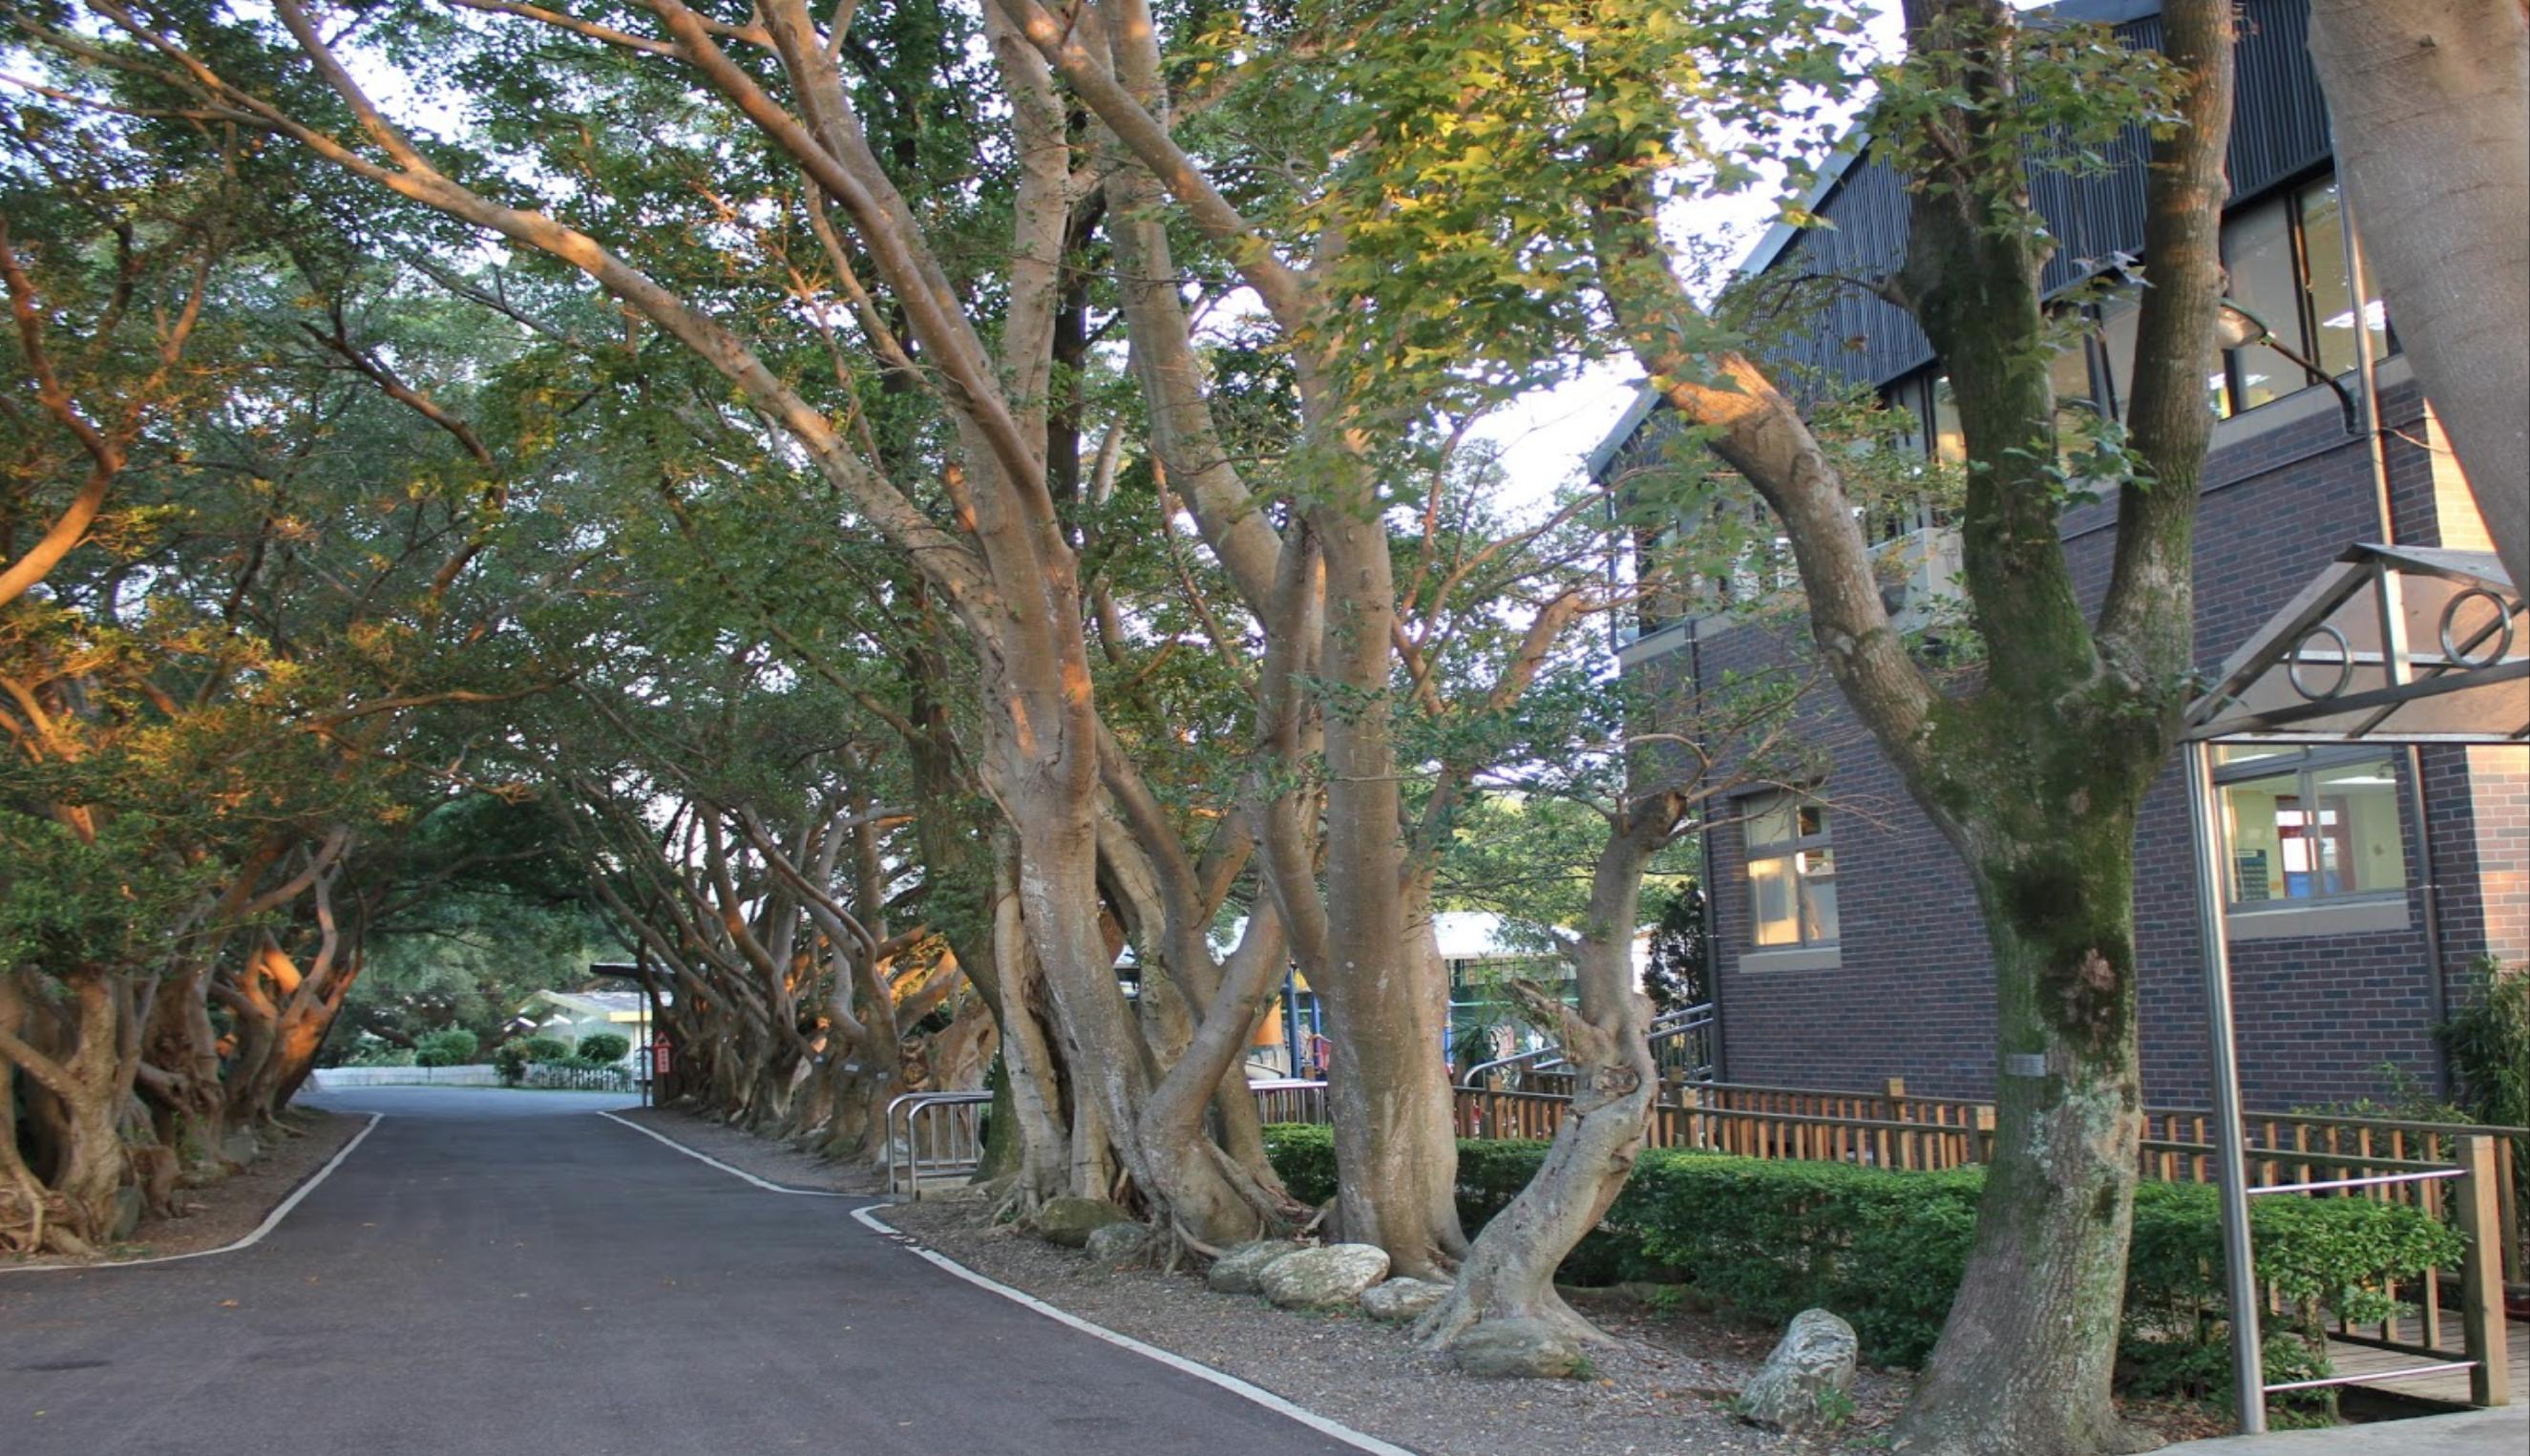 台北復臨美國學校 TAAS - 隱身山林的美麗中小學 - 國際學校|私立高中|外僑學校|申請大學|美國學校|XL ACADEMY|國外留學